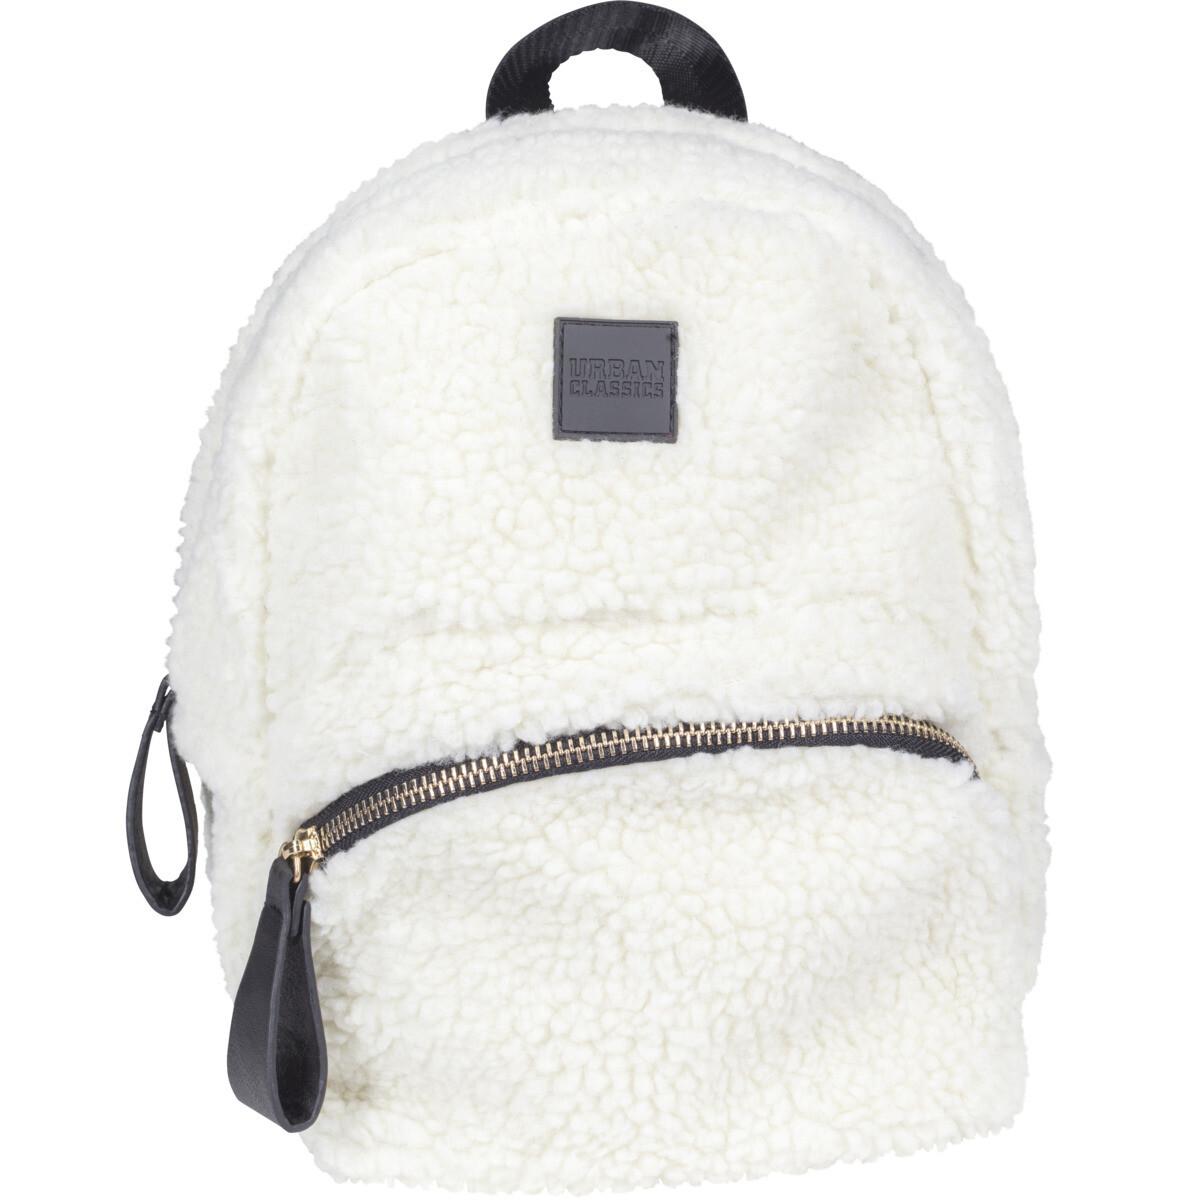 Sherpa Mini Backpack - Weiss